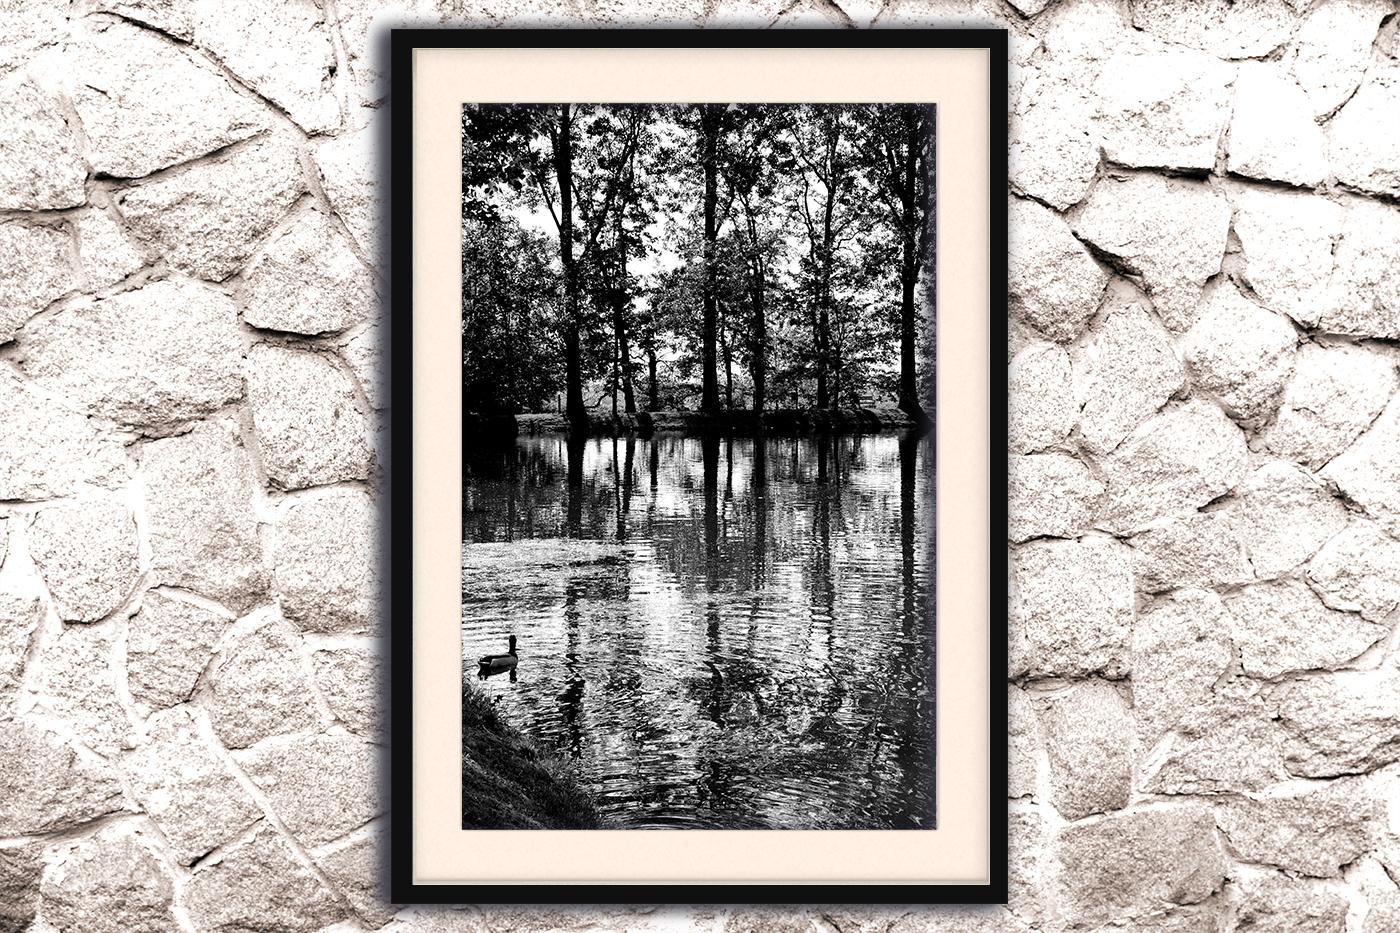 Nature photo, landscape photo, lake photo example image 4